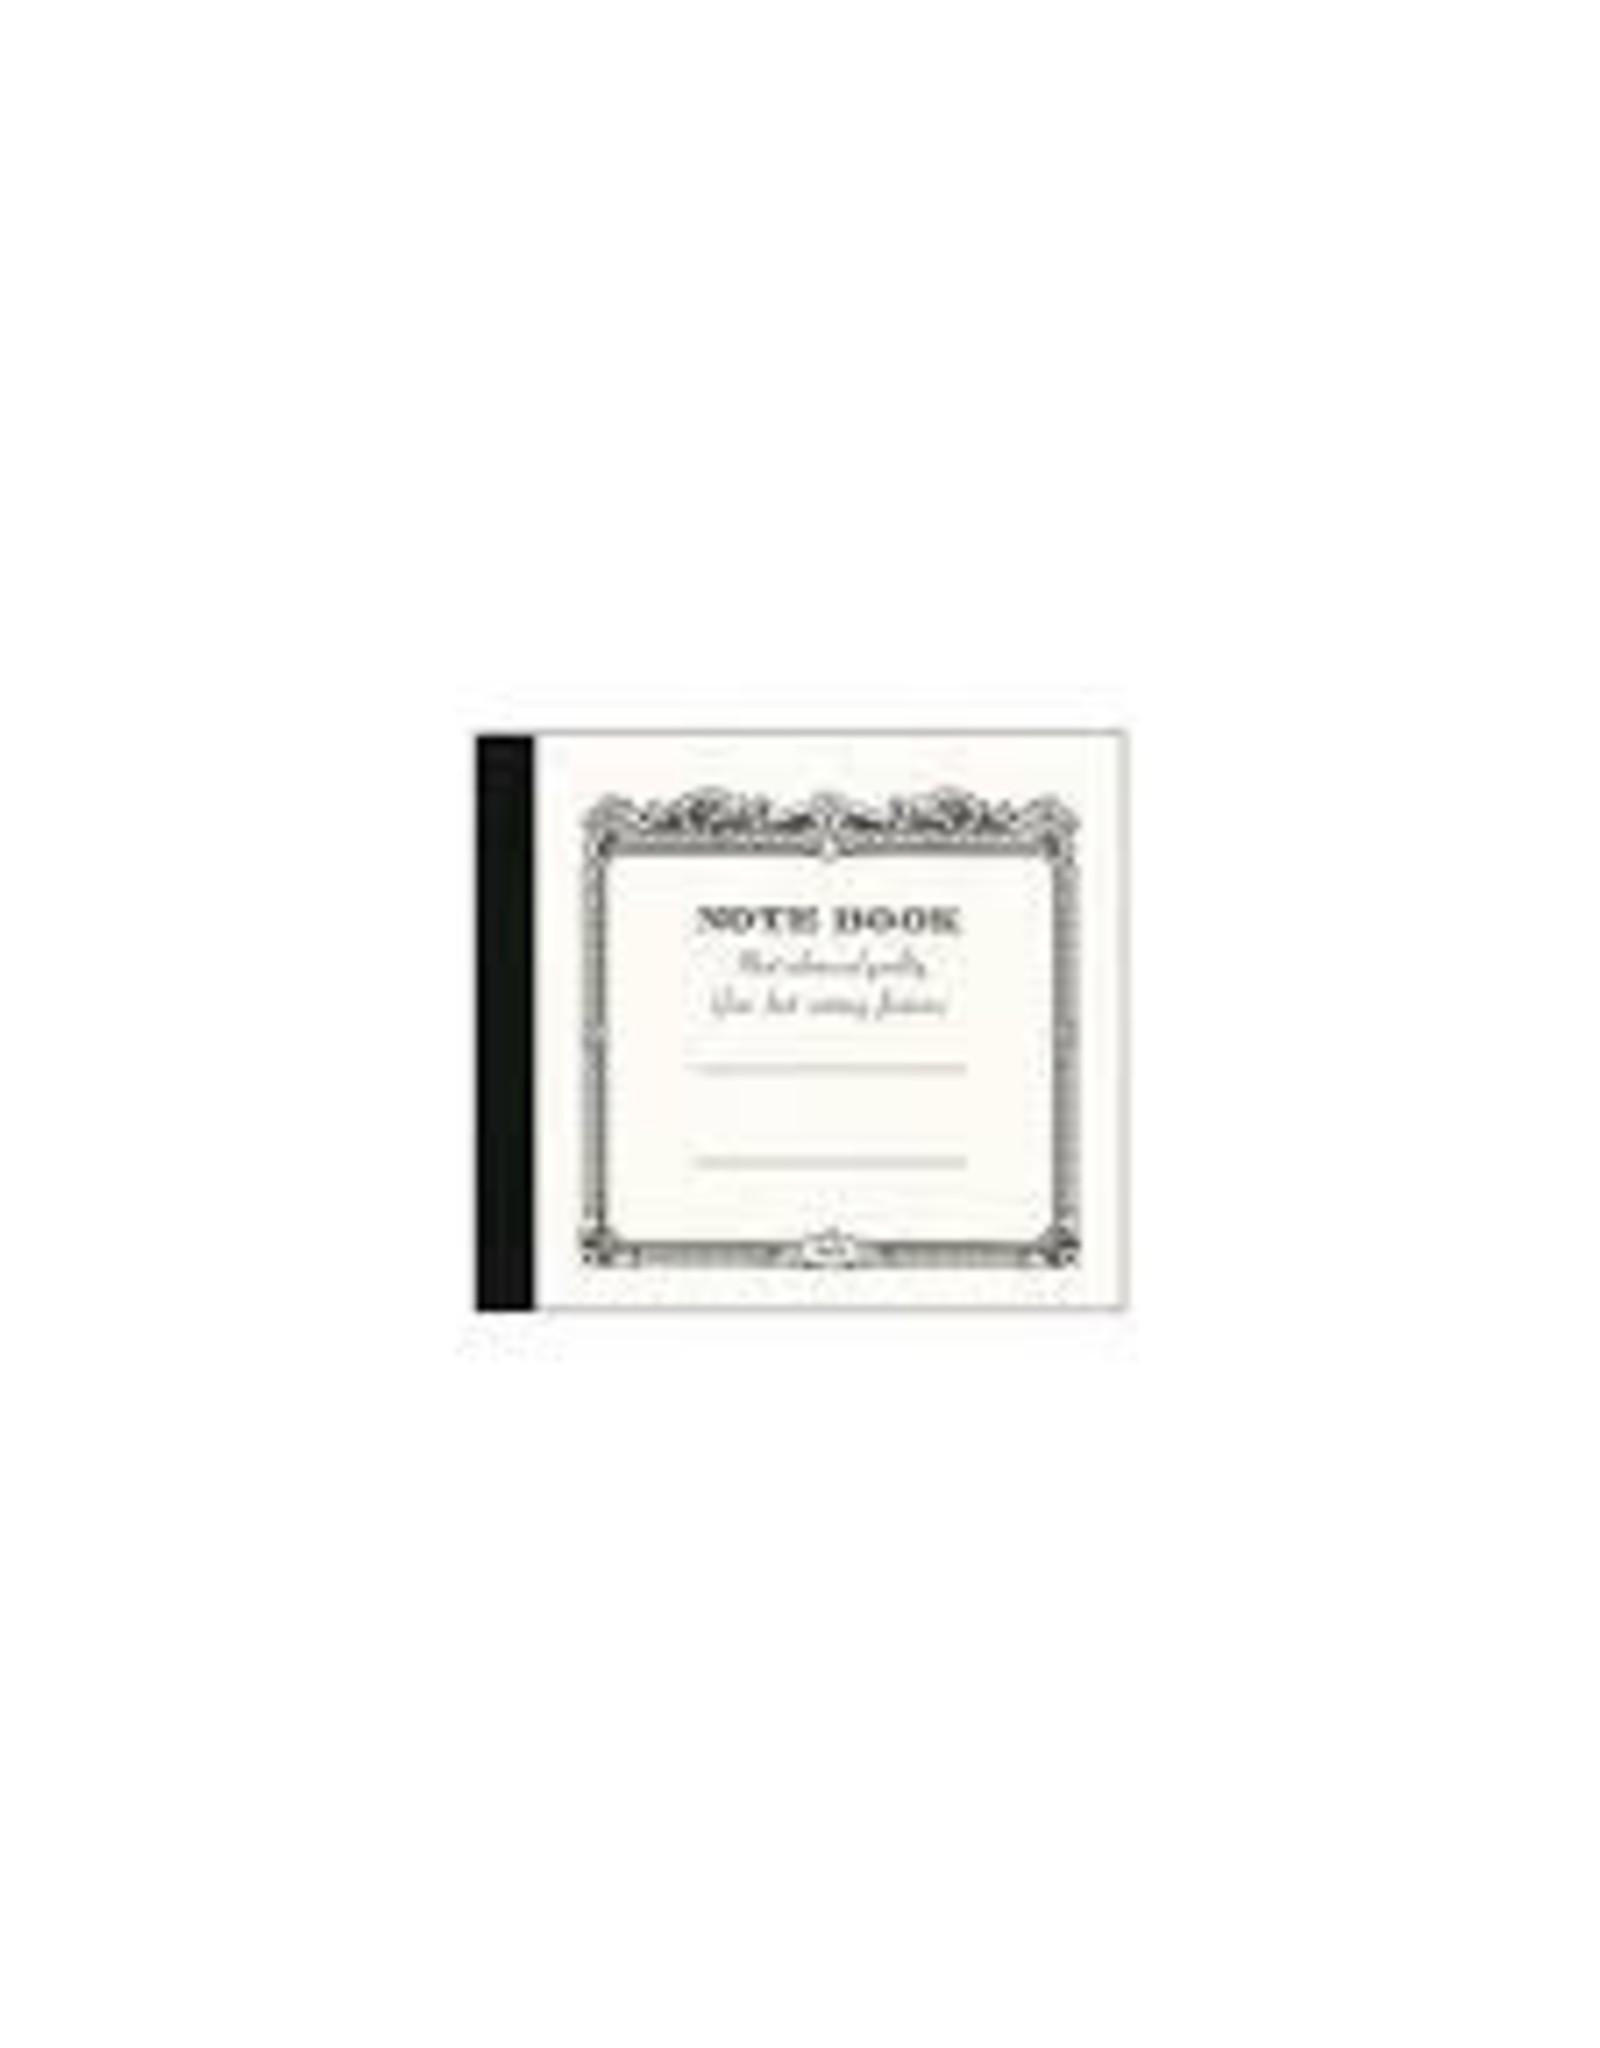 APICA Co., Ltd. C.D. NOTBOOK 124MM X 140MM WHITE